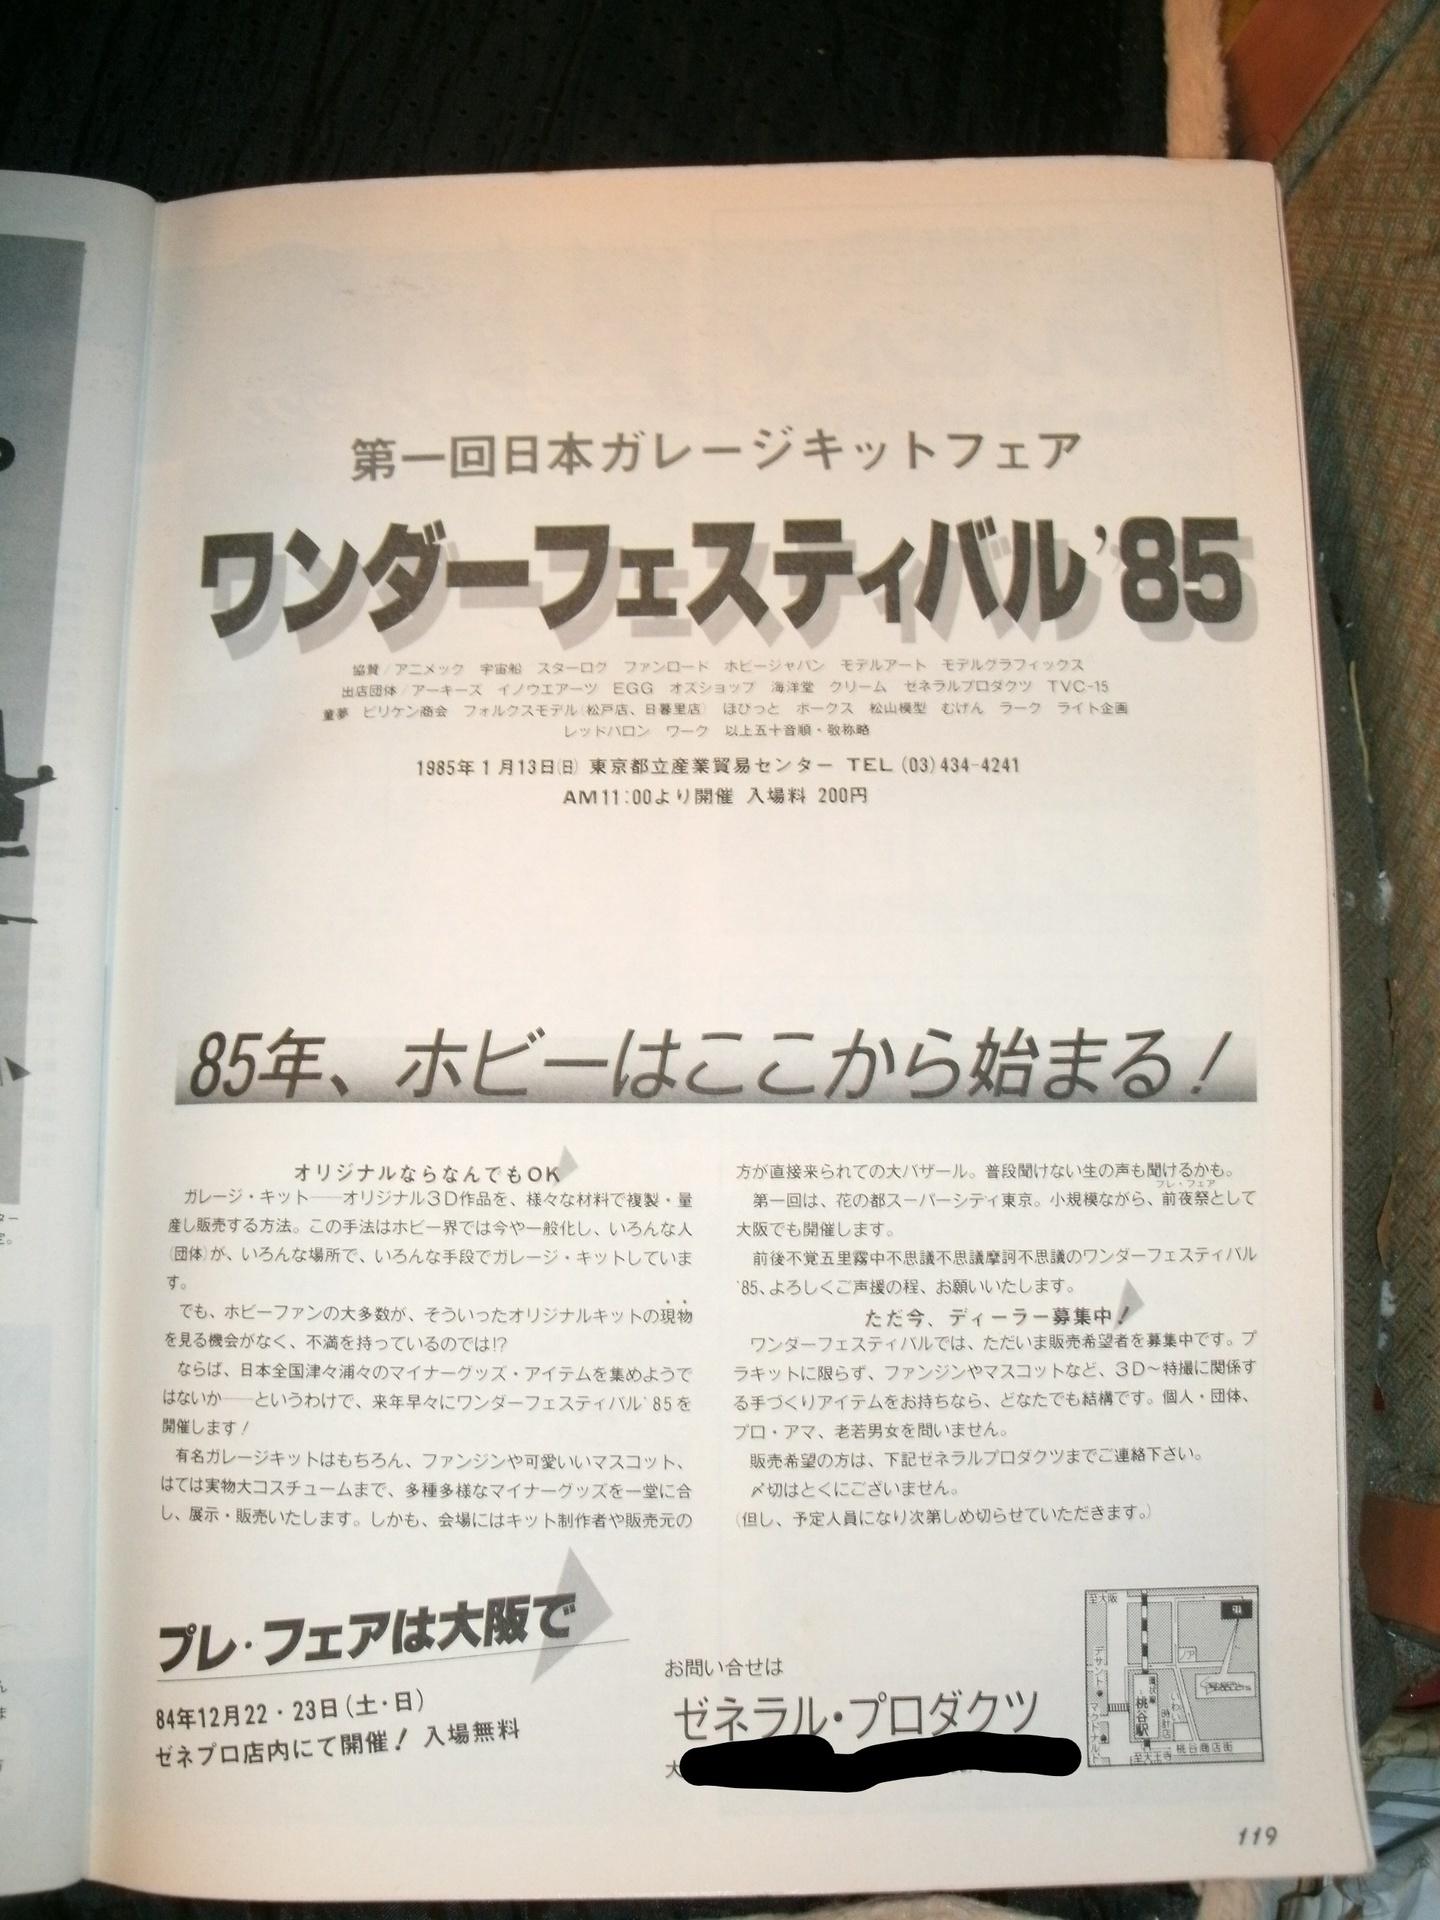 モデルグラフィックス誌1984年12月号掲載広告_LI.jpg